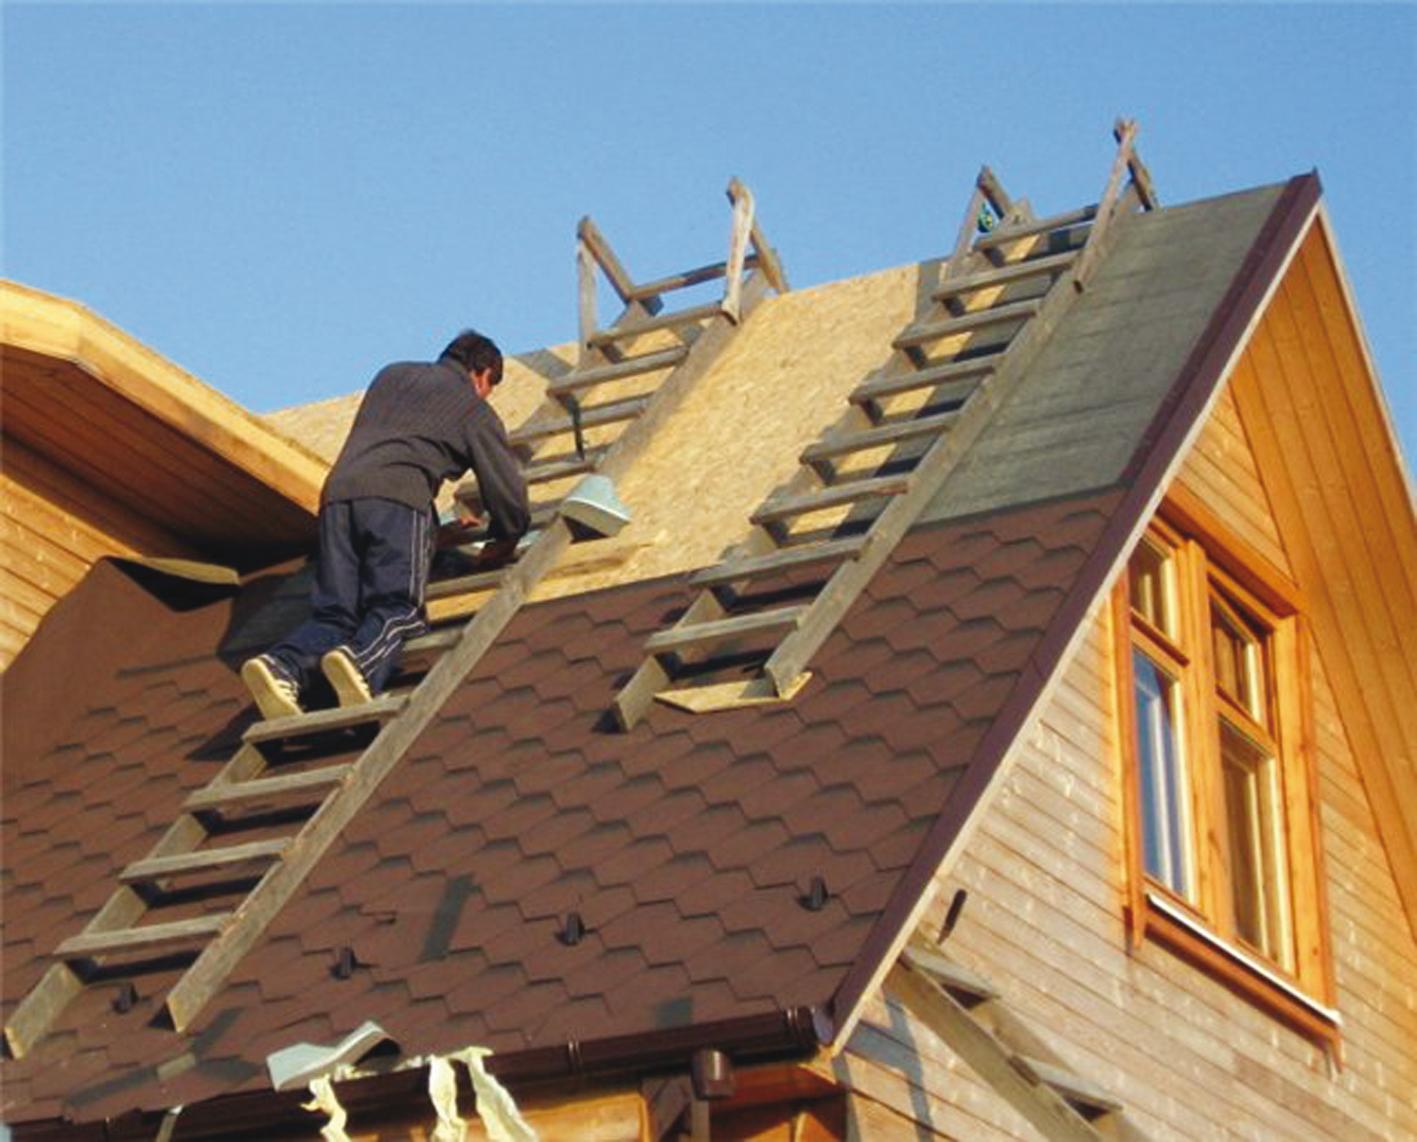 Как сделать лестницу для работы на крыше своими руками 6